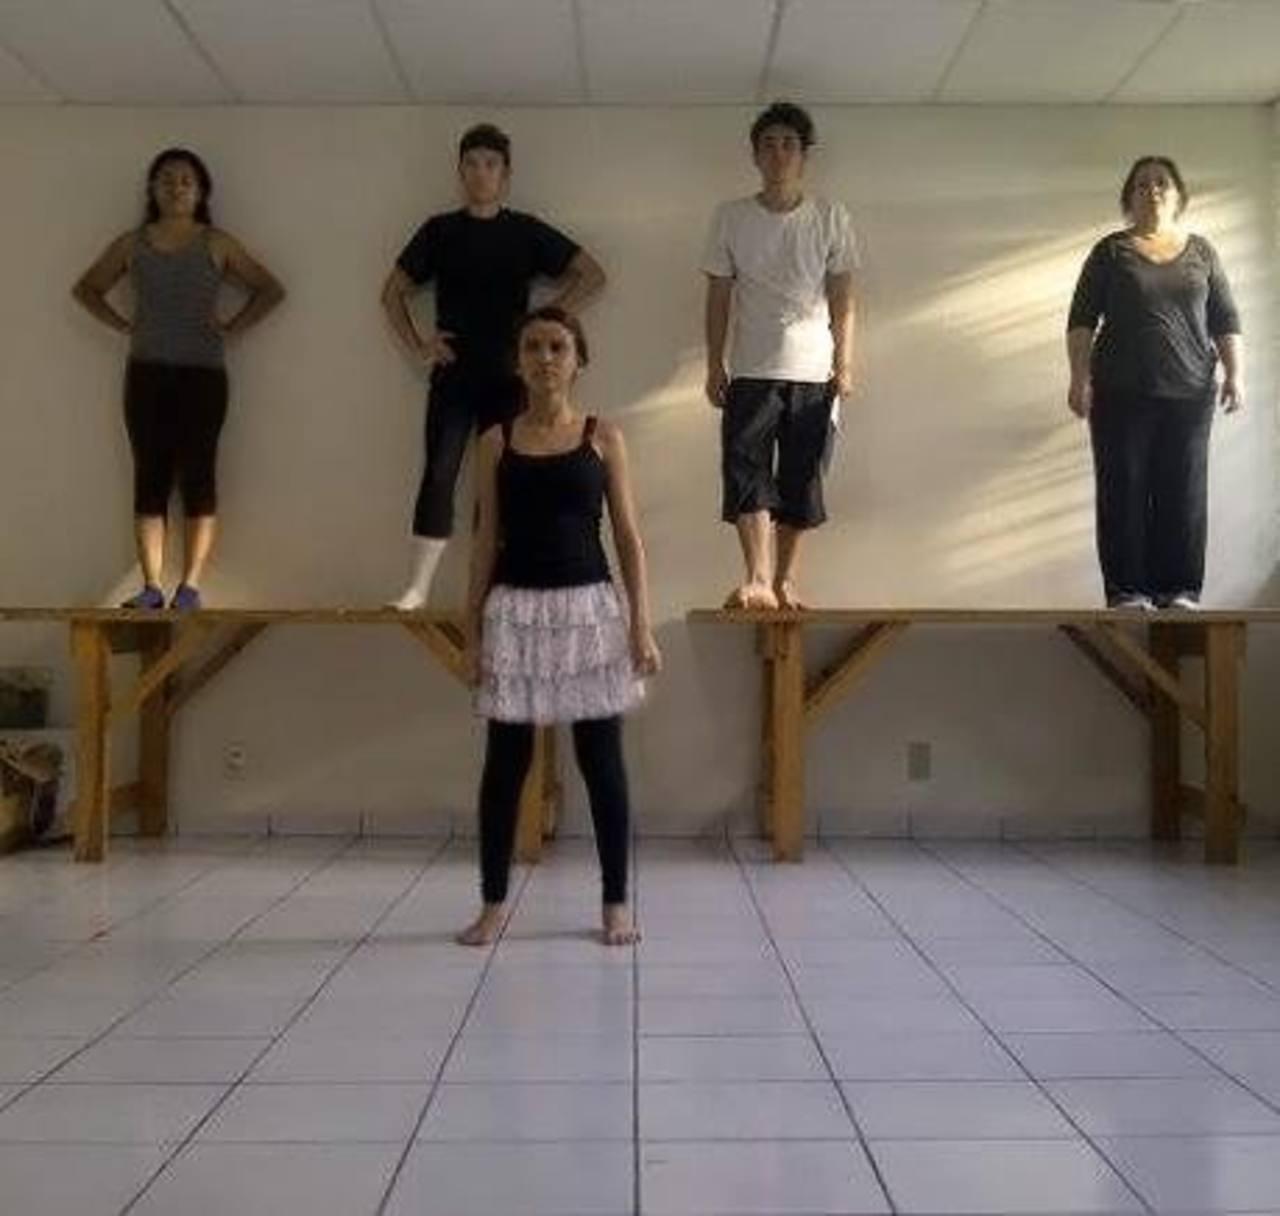 El elenco, conformado por más 10 actores, durante uno de los ensayos de la pieza. Foto/Cortesía Jorge Quinteros.